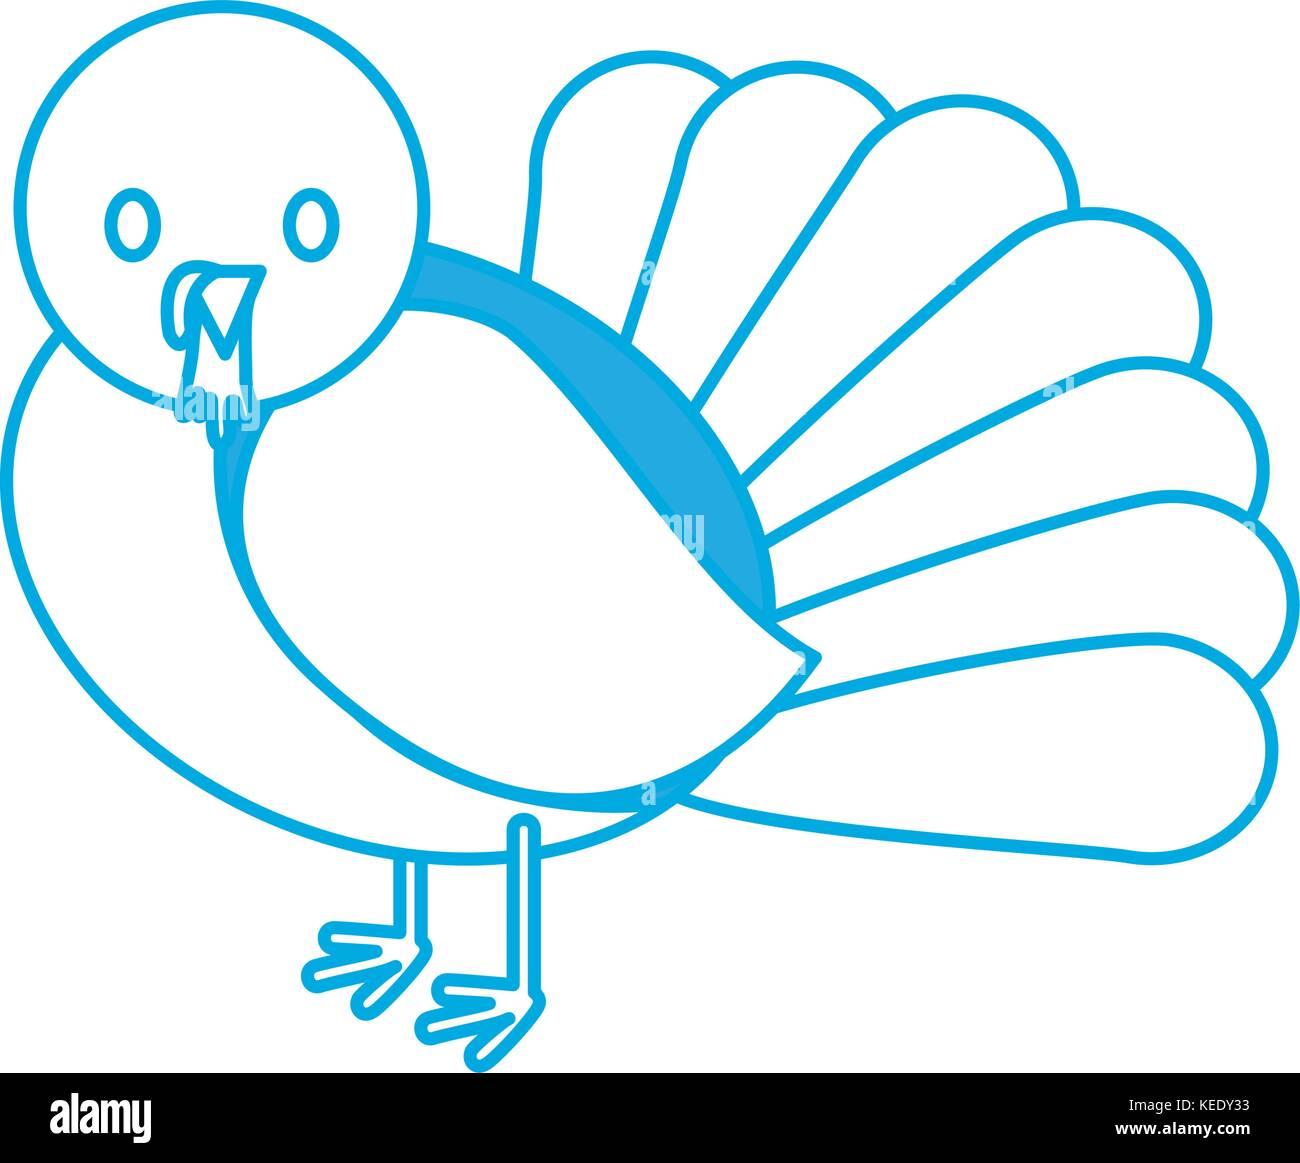 Roast Turkey Icon Cartoon Stock Photos & Roast Turkey Icon Cartoon ...